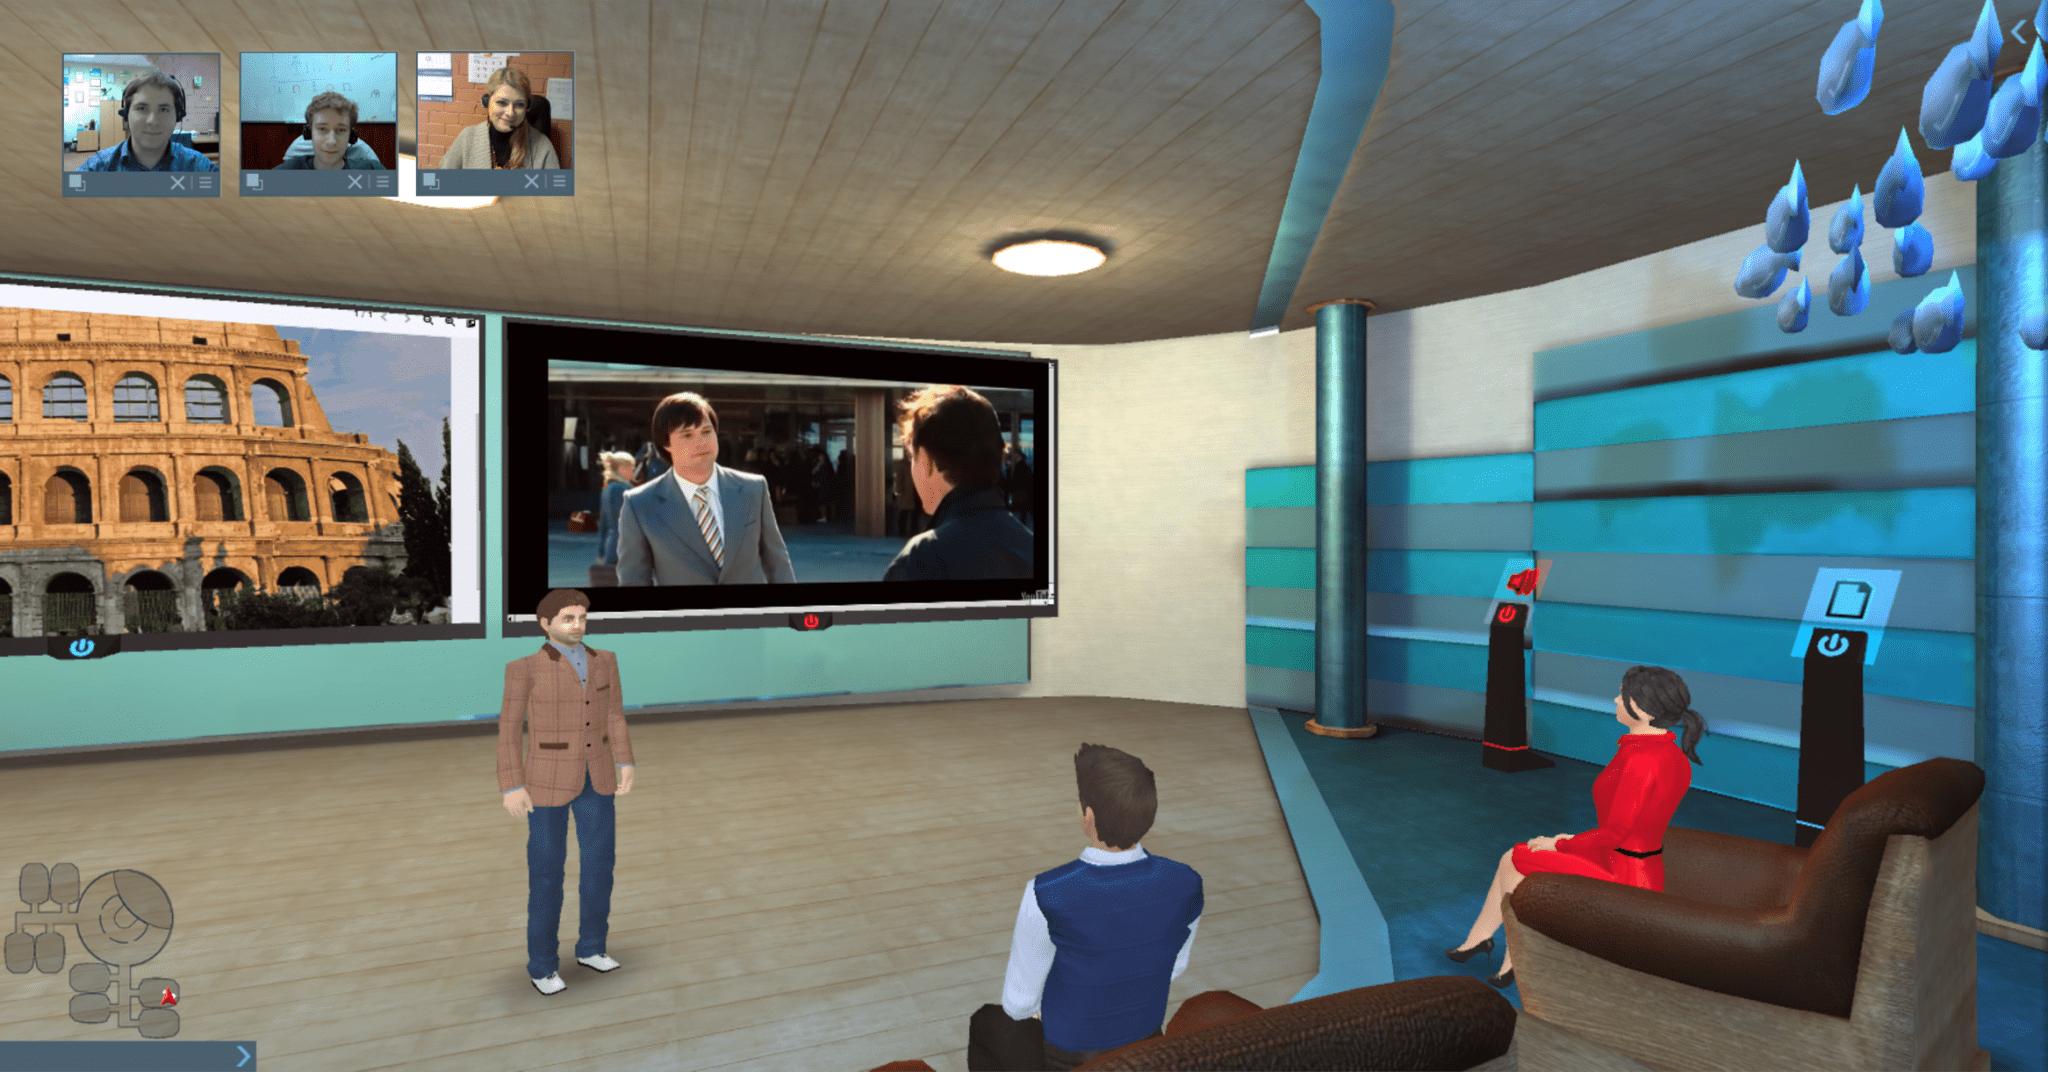 VR for communication